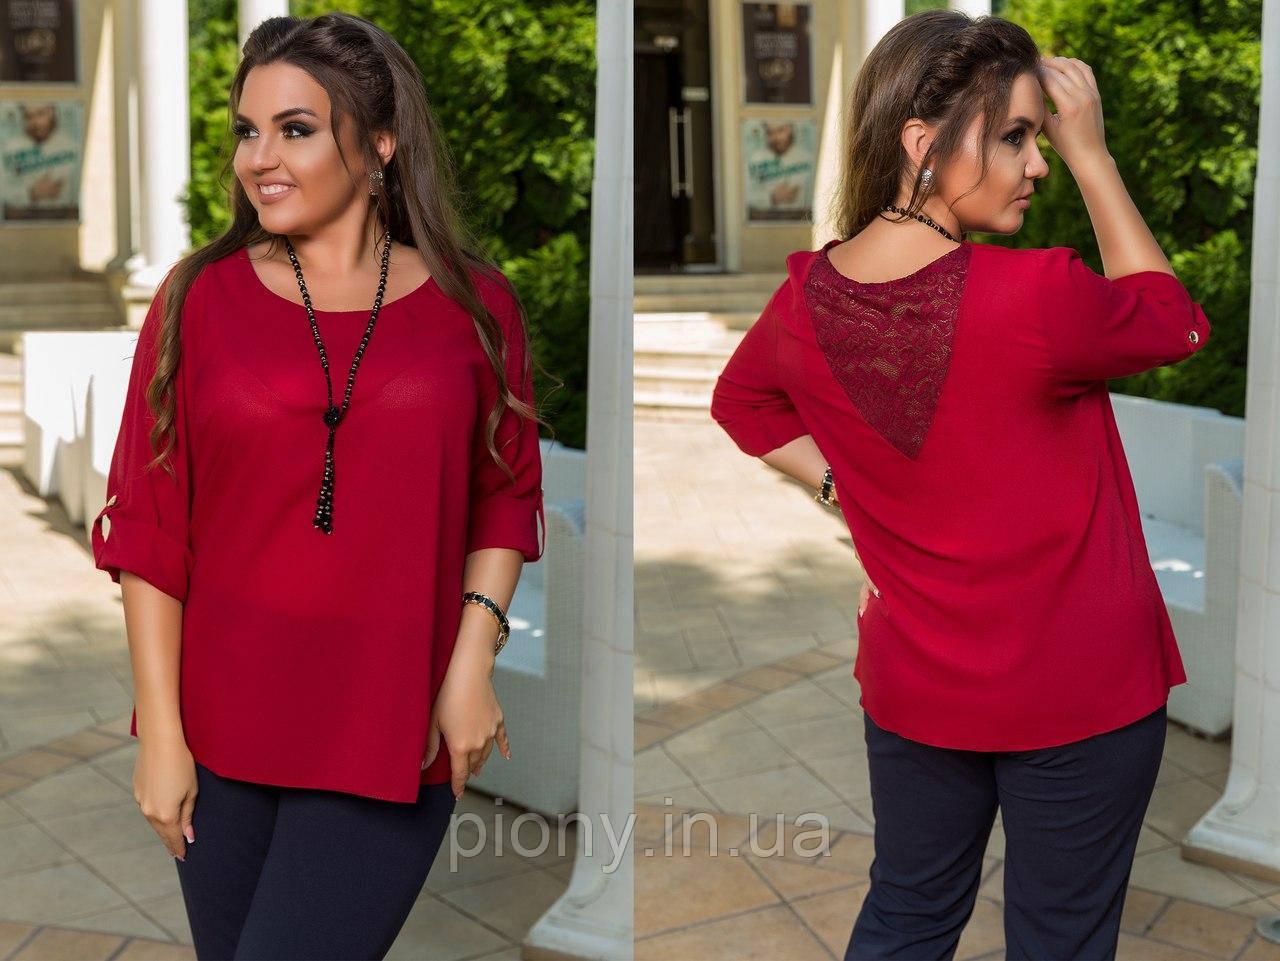 Жіноча Блуза з гіпюром Батал